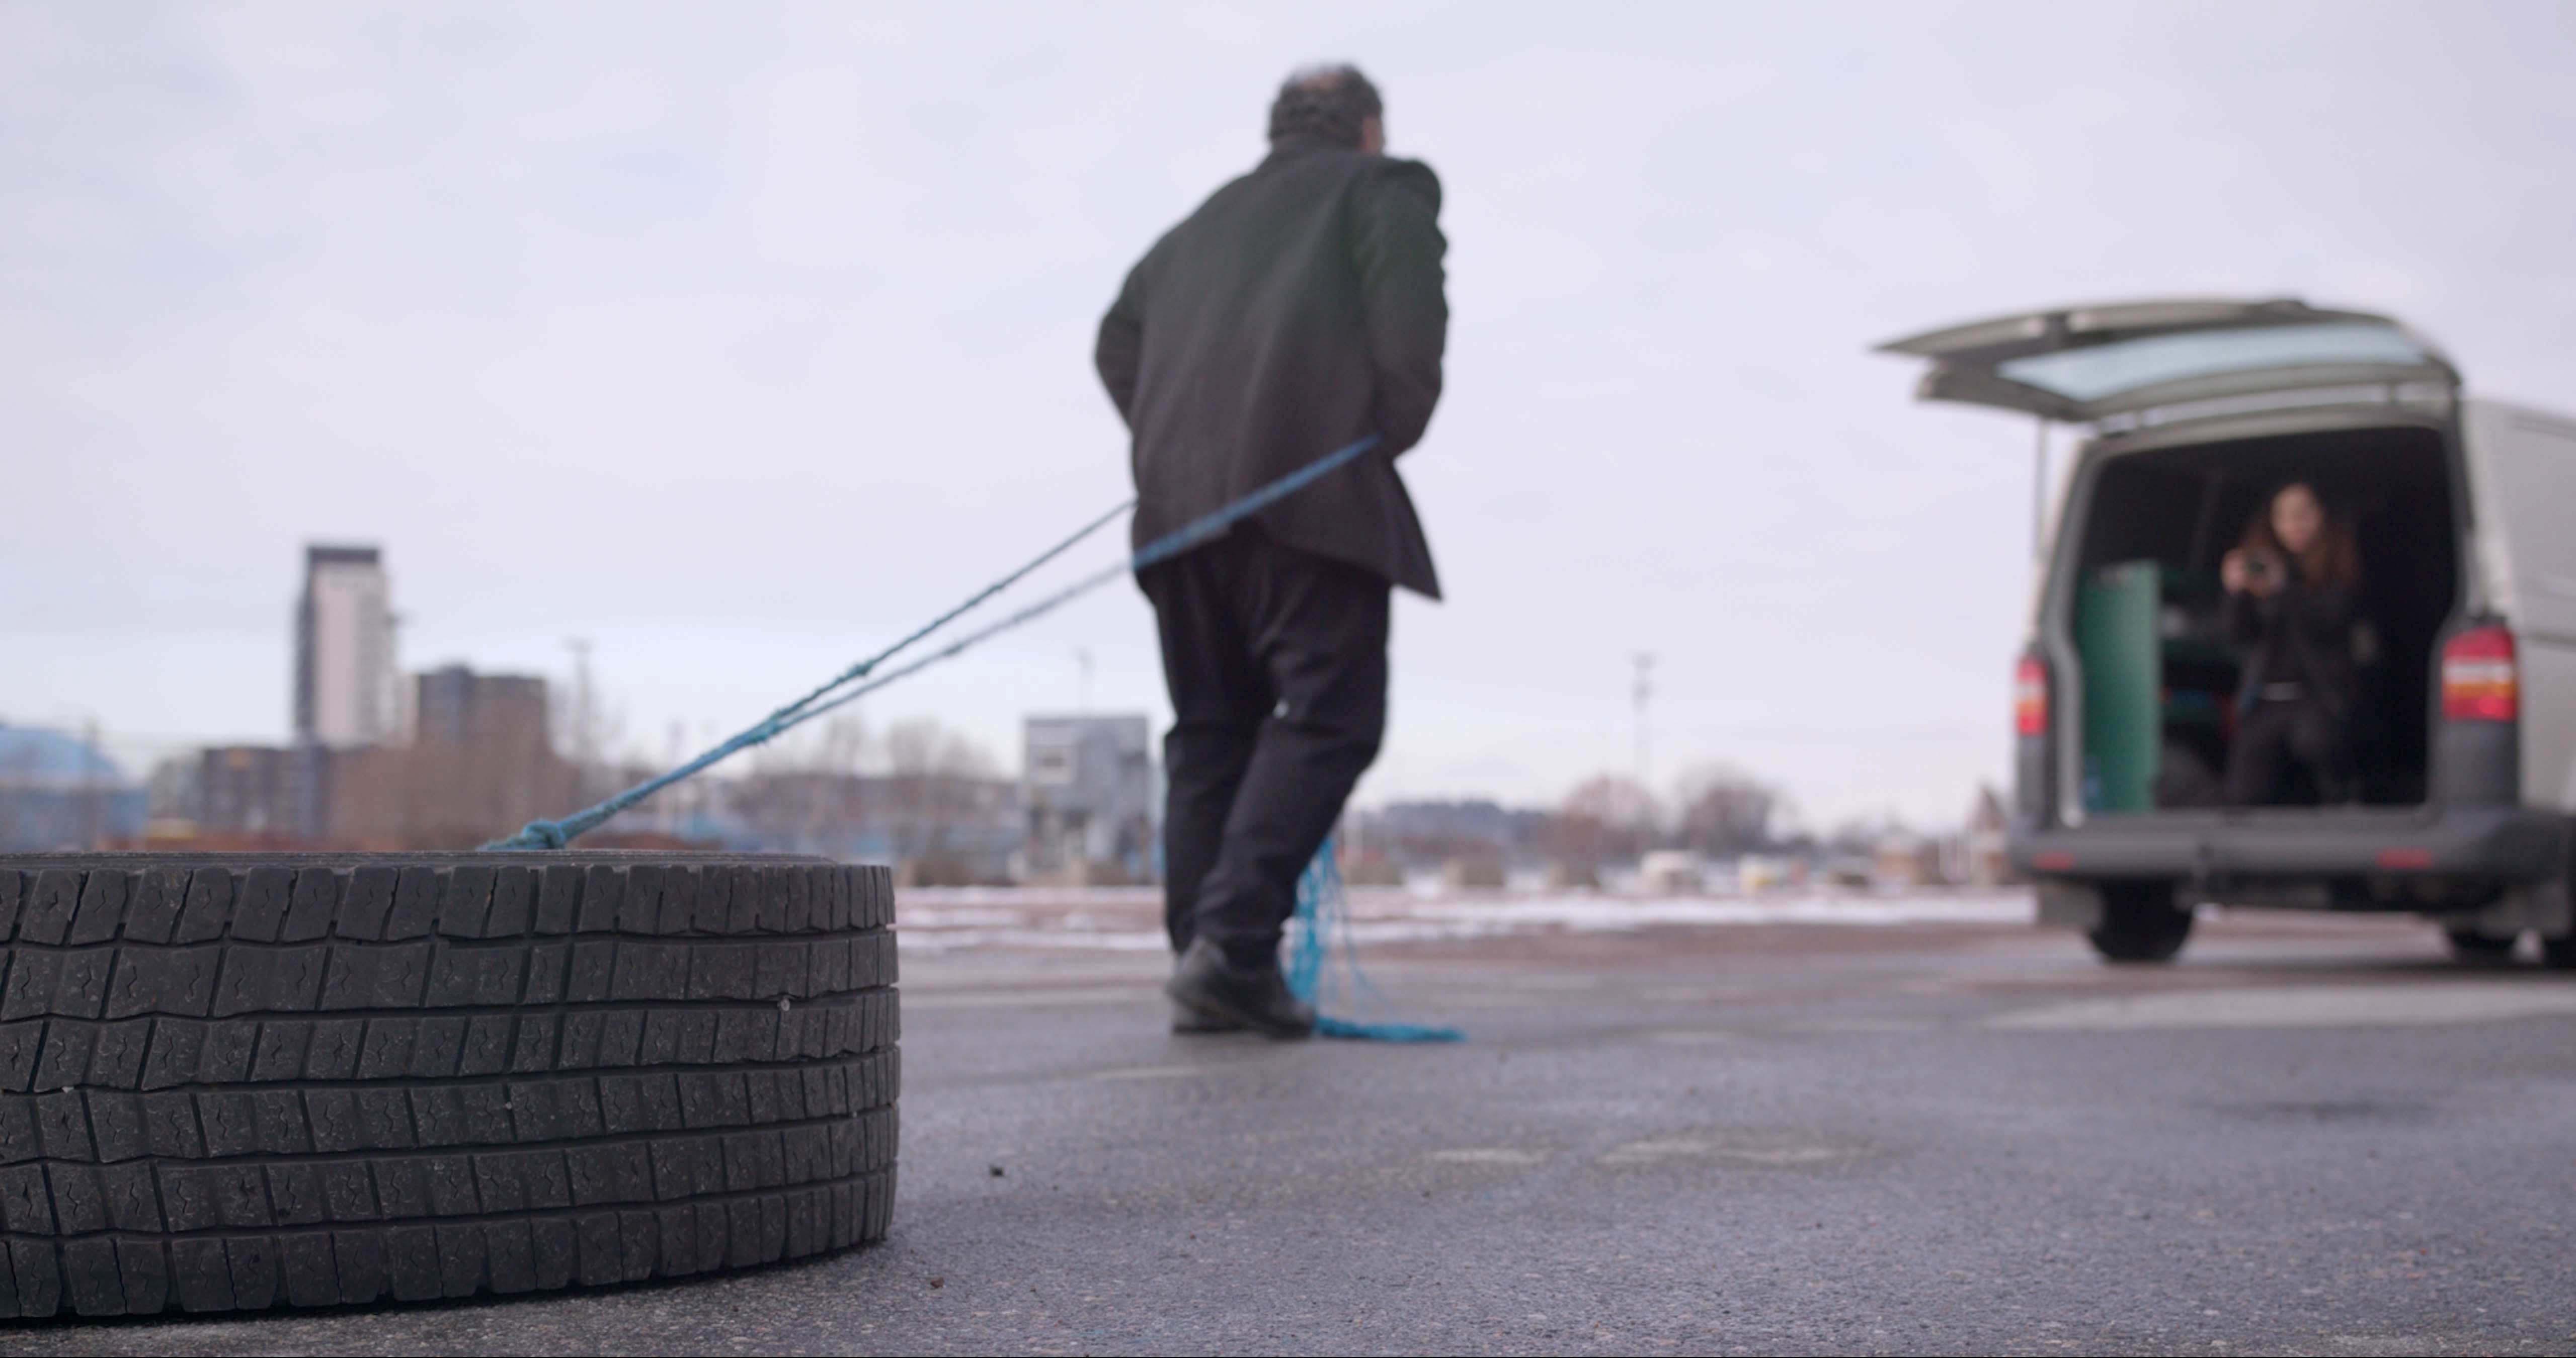 Berivan Erdogans examensfilm kretsar kring film och makt.